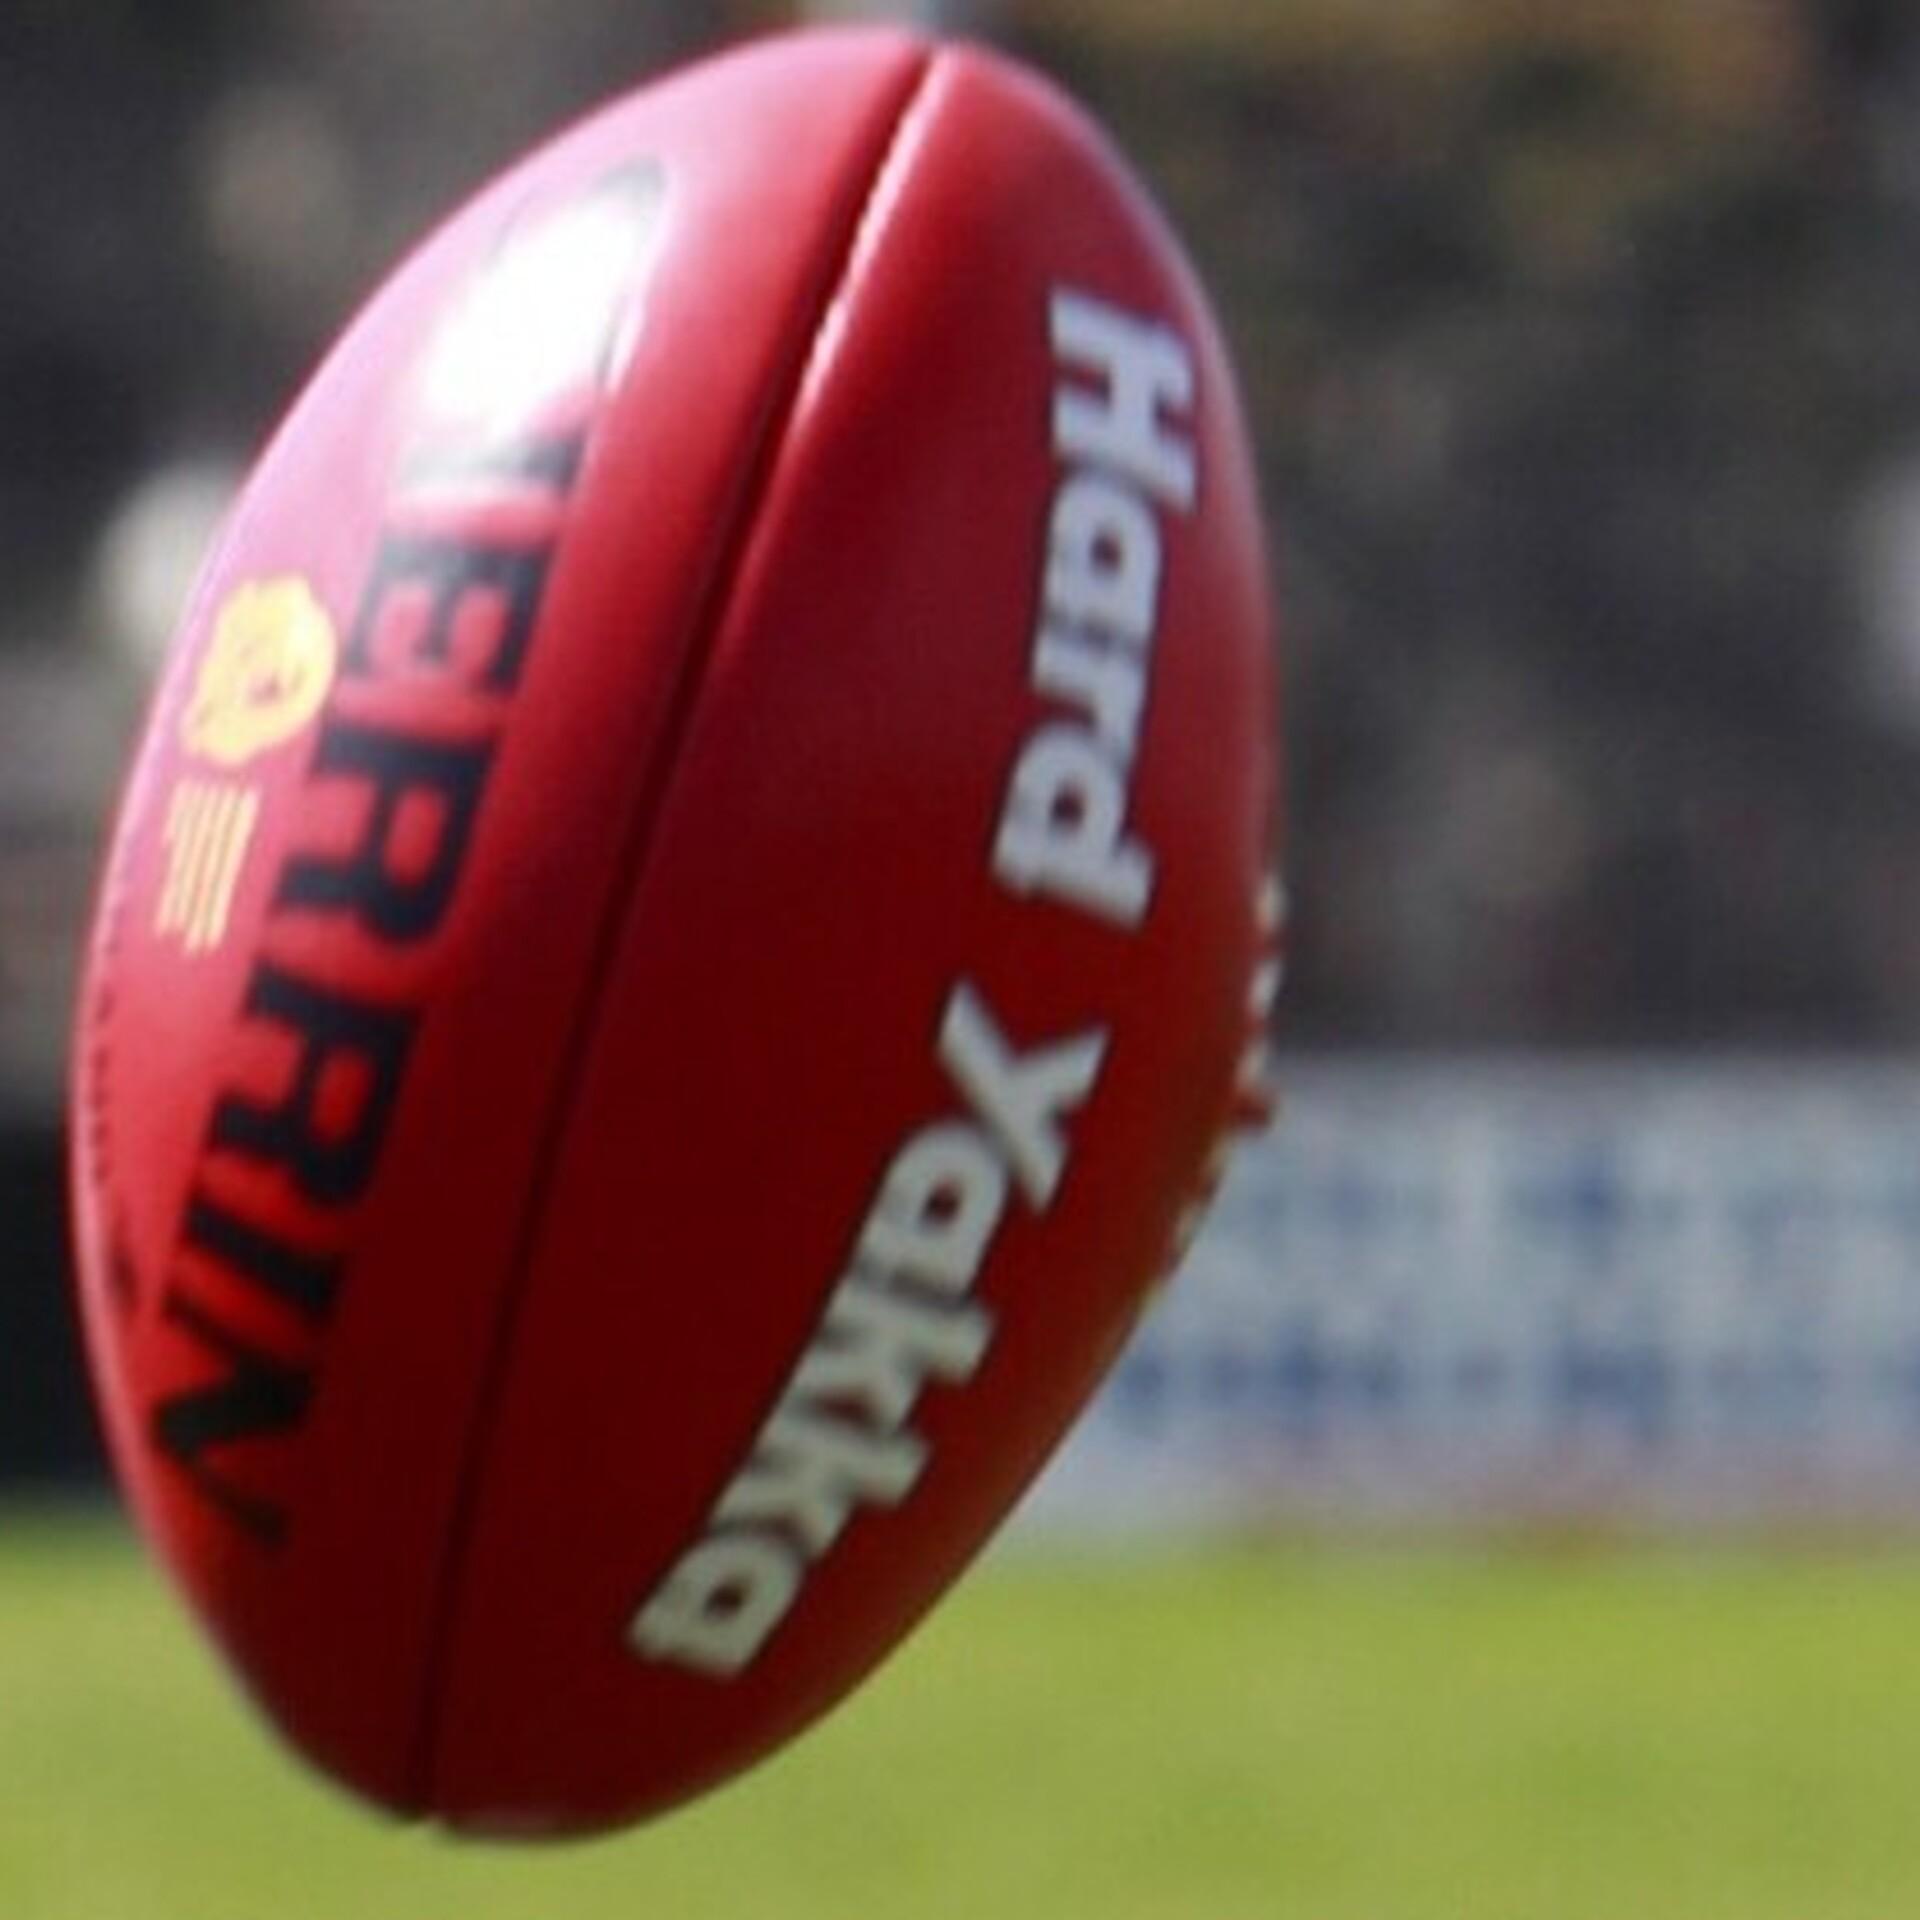 a4a666998a0 Austraallased ei lase sugu vahetanud mängijat naiste liigasse | Teised alad  | ERR